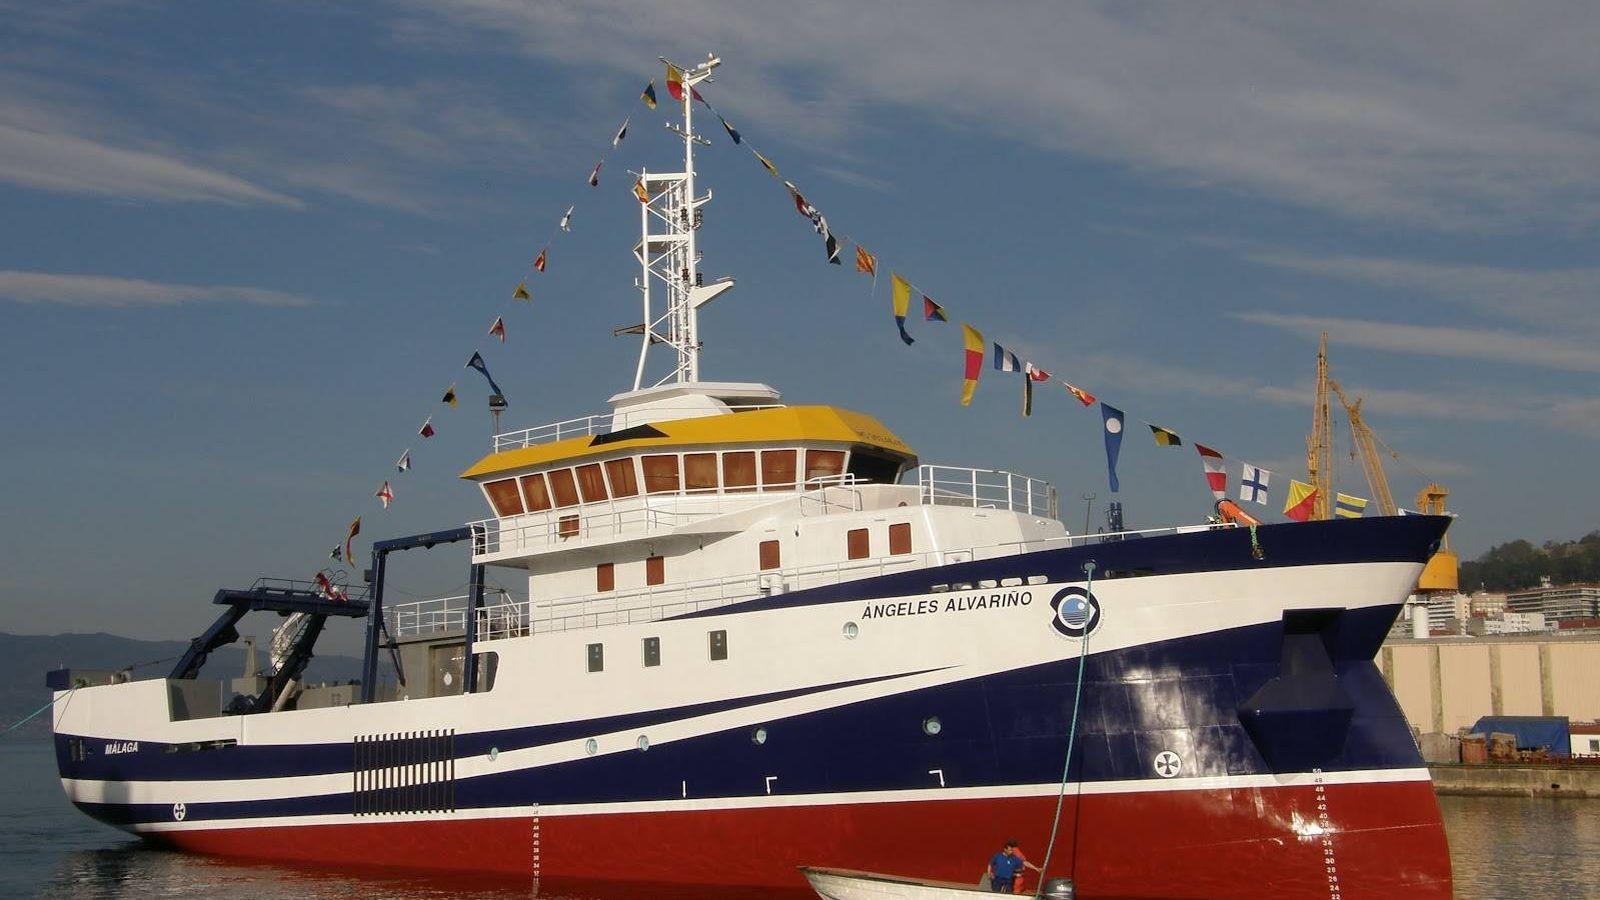 Foto: 'Ángeles Alvariño', del IEO, ha entrado en conflicto con la Armada británica en aguas de Gibraltar.